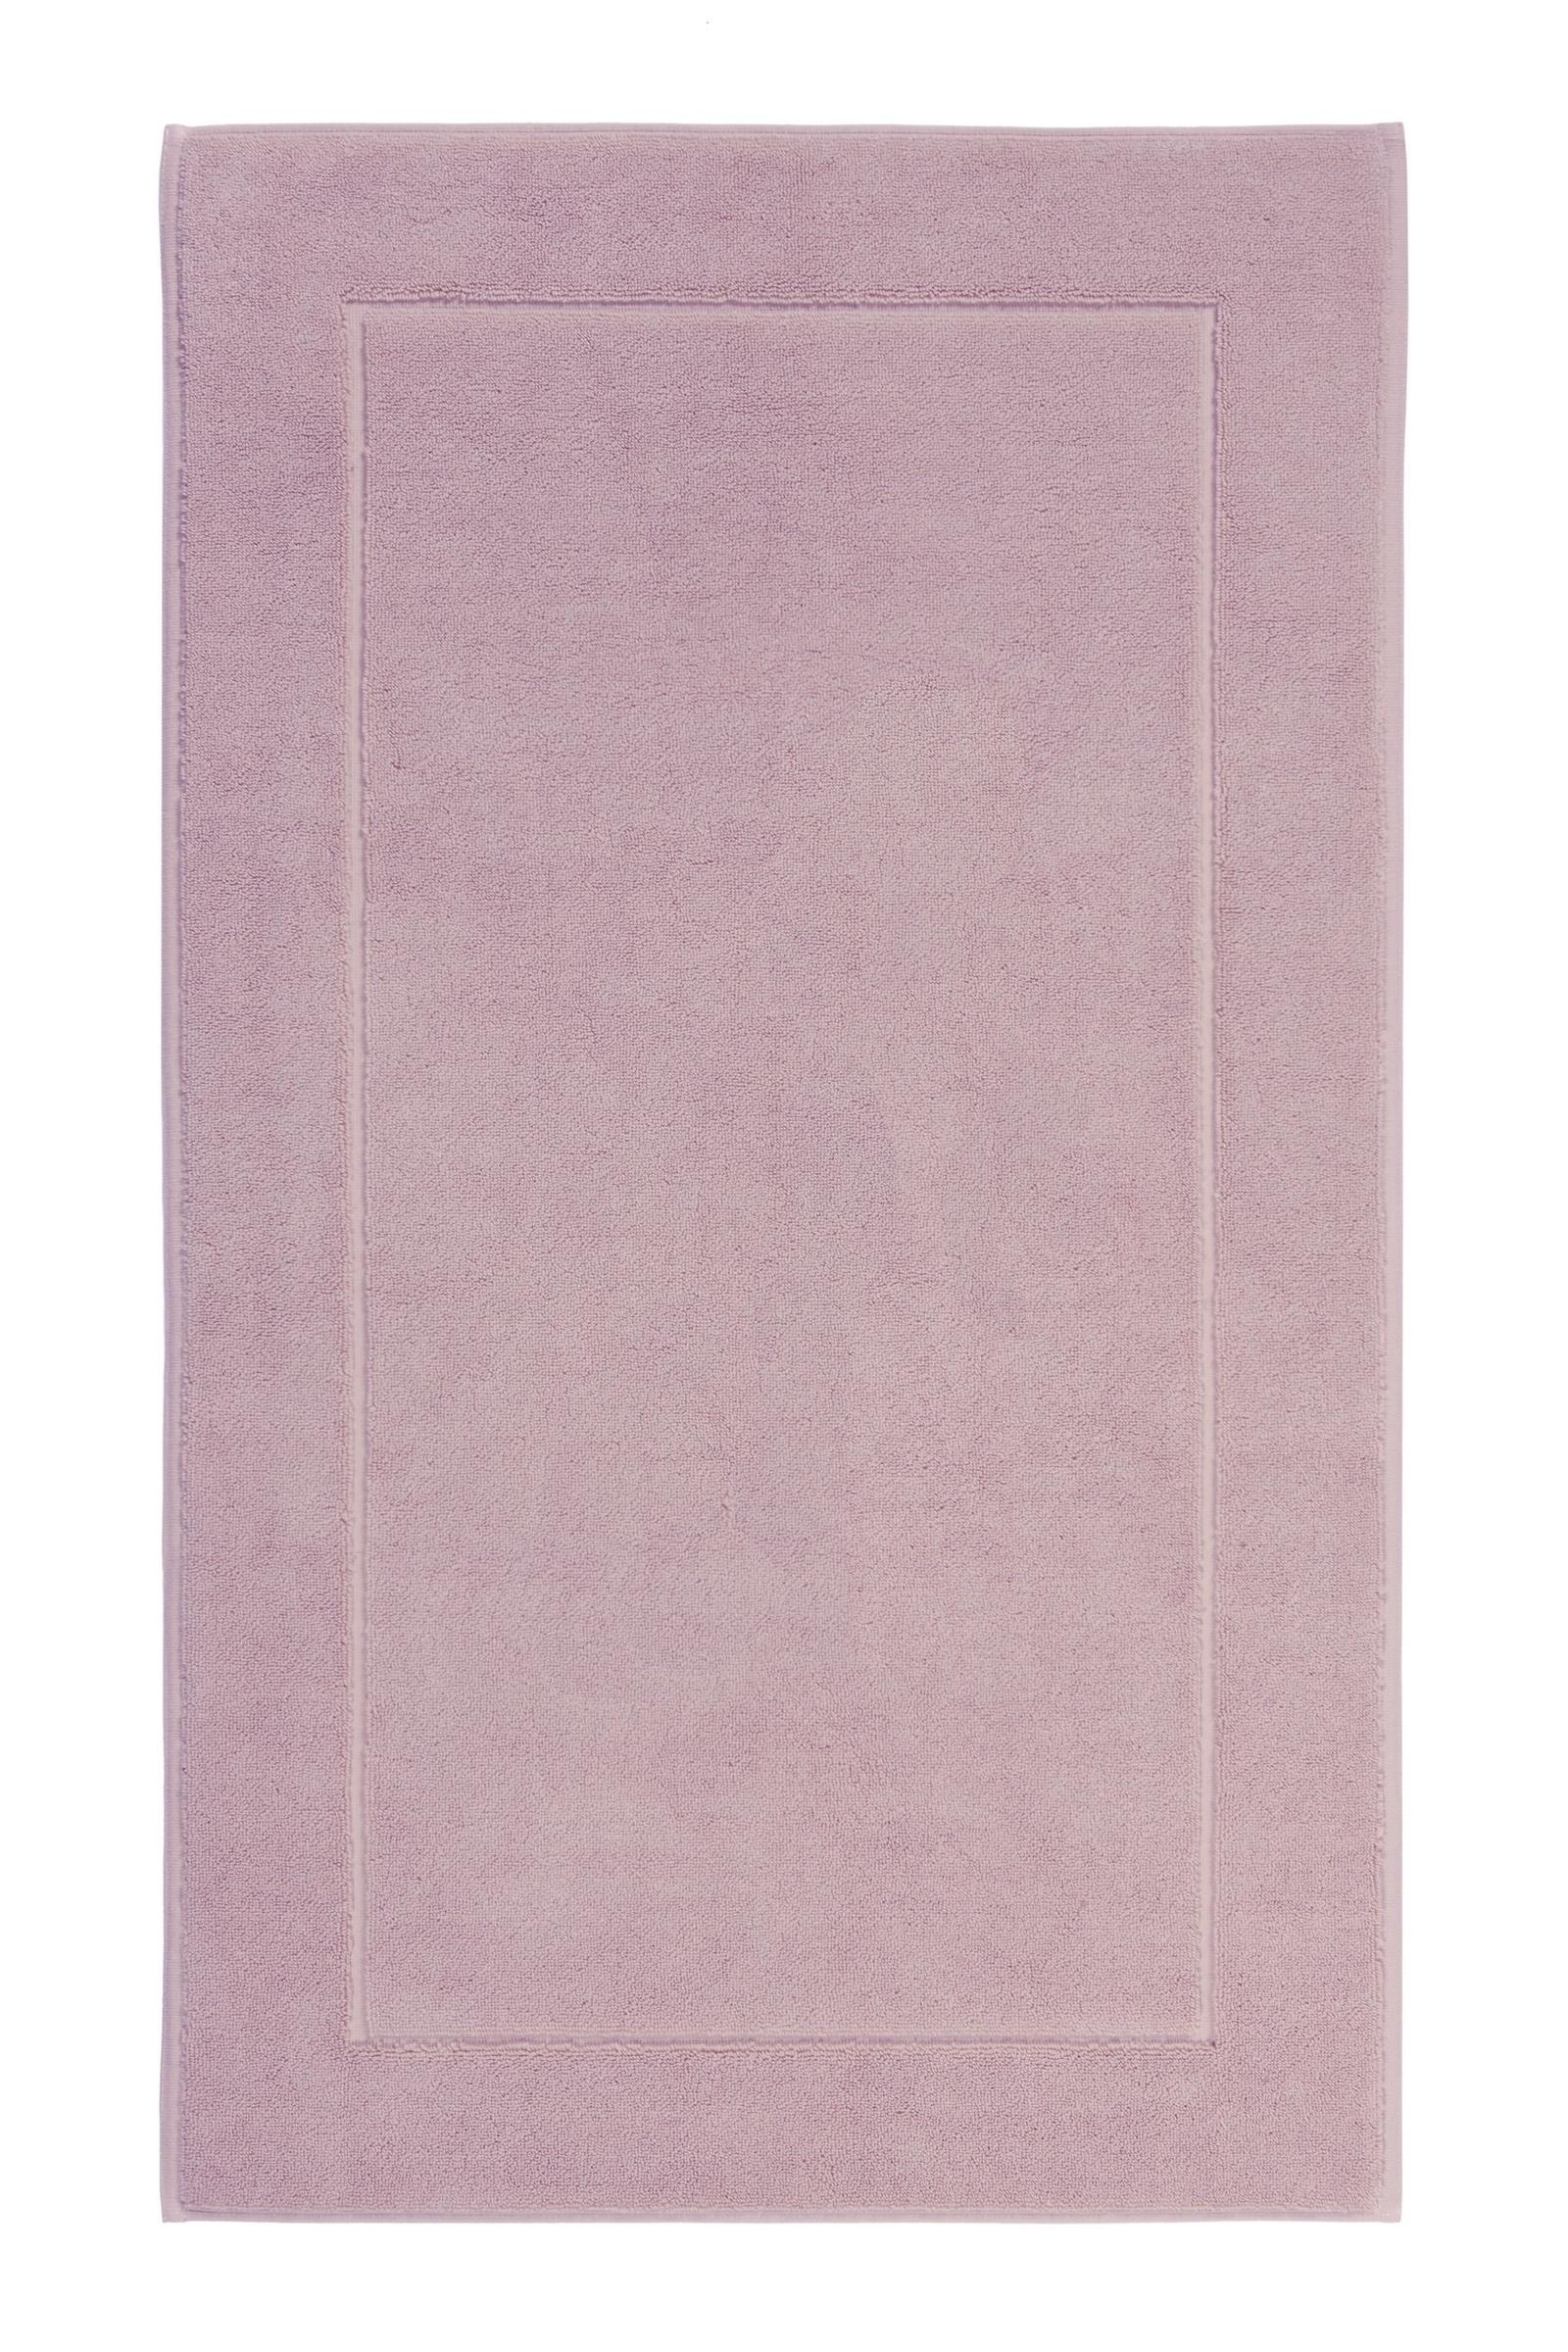 Коврик для ванной Aquanova London, LONBMM-87, 60 x 100 см, розовый